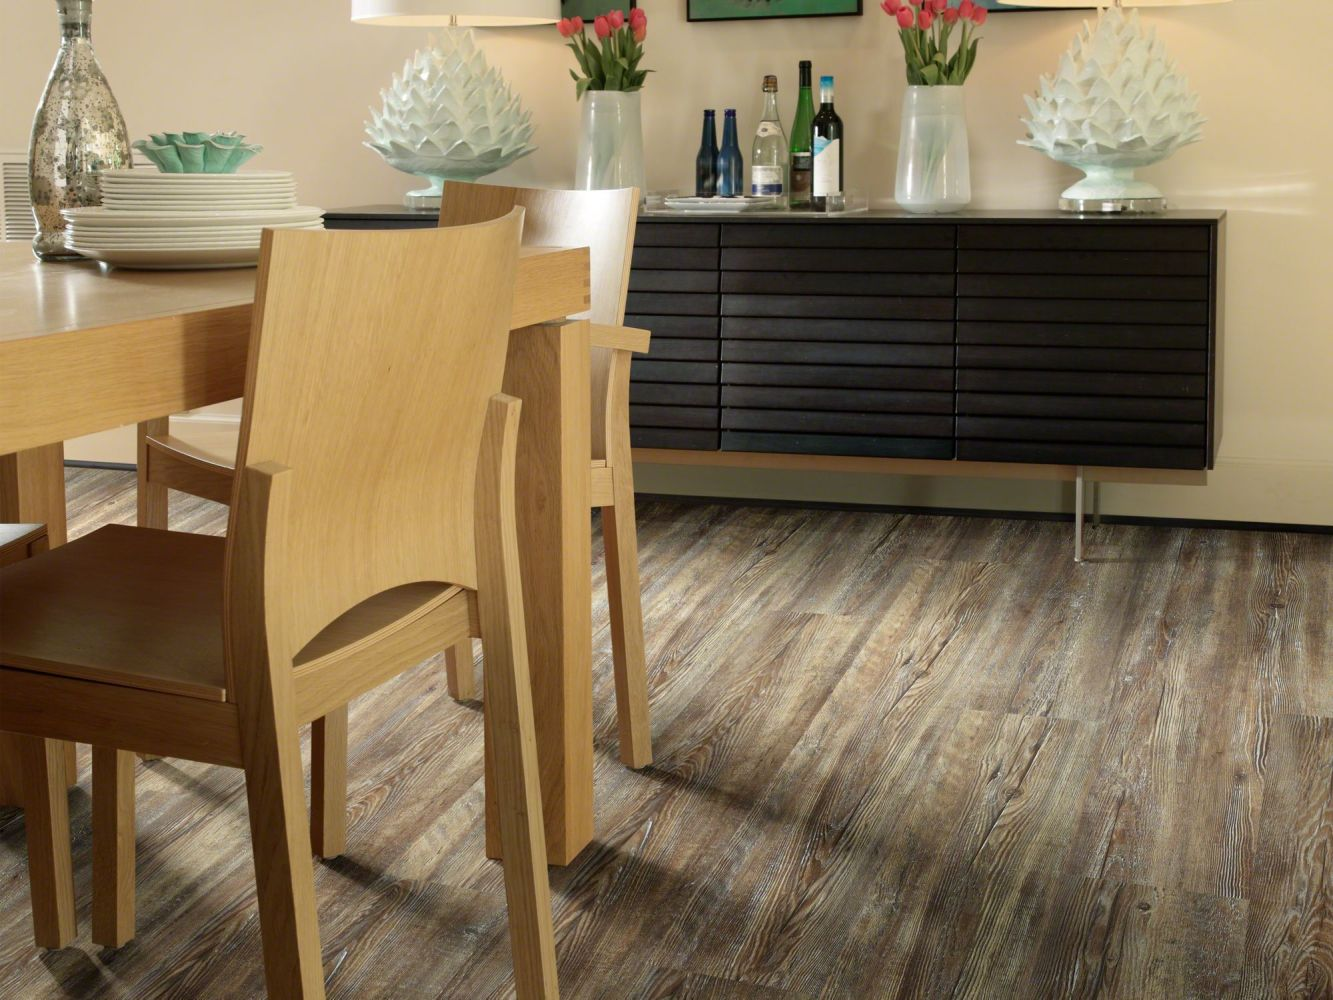 Shaw Floors Vinyl Residential Prime Plank Tattered Barnboard 00717_0616V